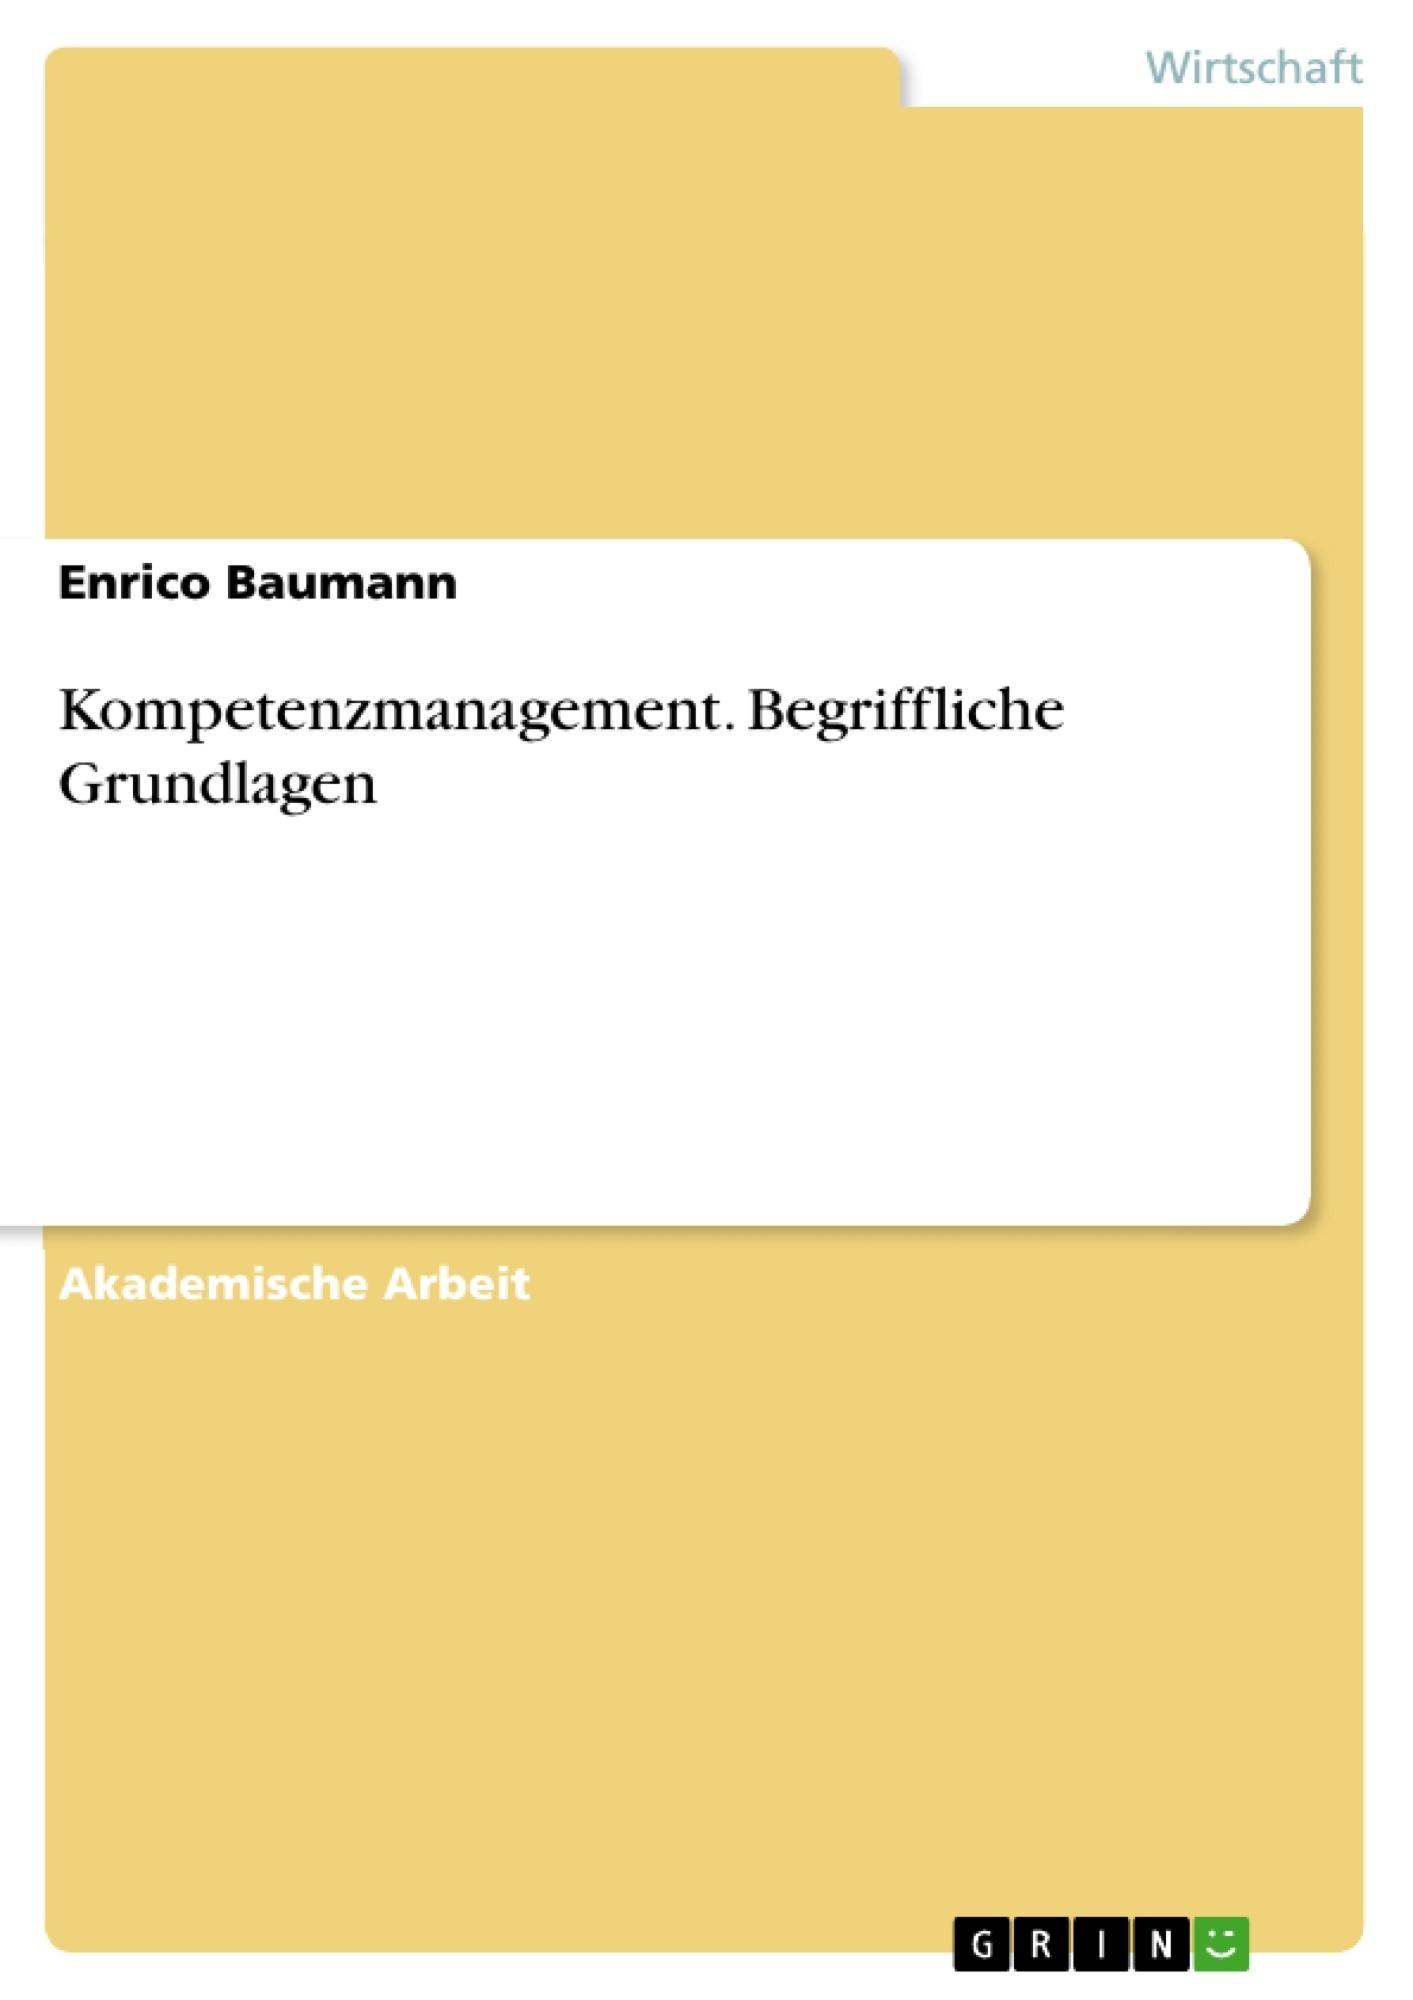 Titel: Kompetenzmanagement. Begriffliche Grundlagen